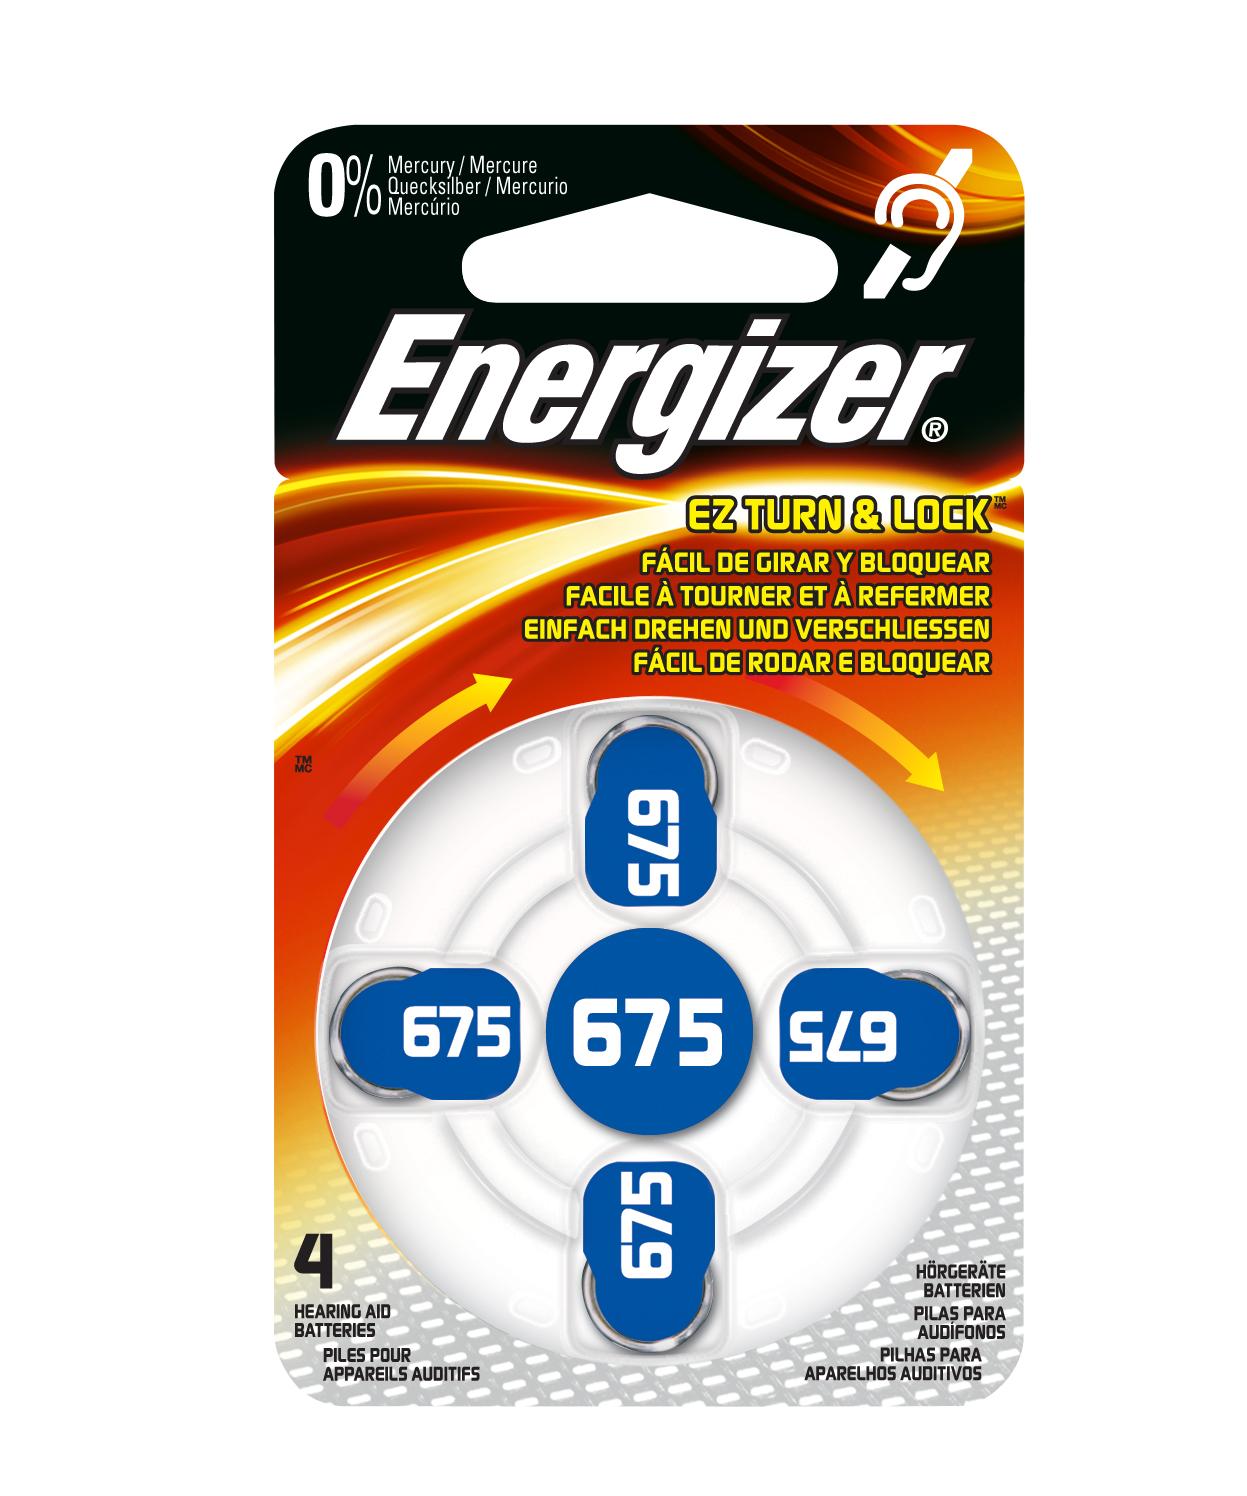 Energizer AC 675 hoortoestel batterijen